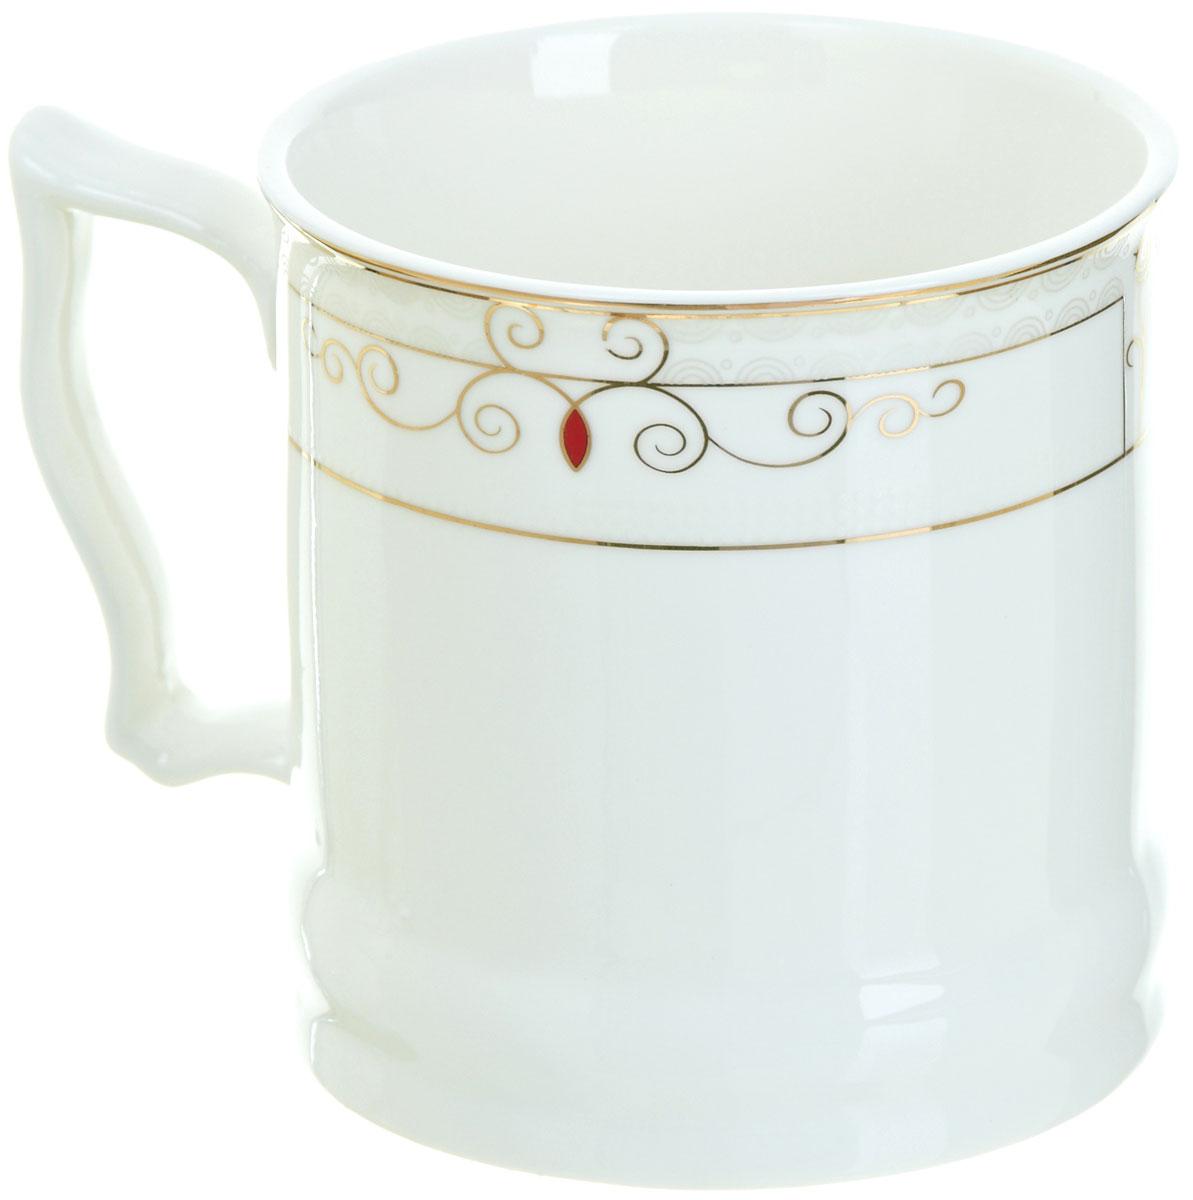 Кружка BHP Королевская кружка, 500 мл. M187000354 009312Оригинальная кружка Best Home Porcelain, выполненная из высококачественного фарфора, сочетает в себе простой, утонченный дизайн с максимальной функциональностью. Оригинальность оформления придутся по вкусу тем, кто ценит индивидуальность. В комплект входит кружка. Можно использовать в ПММ.